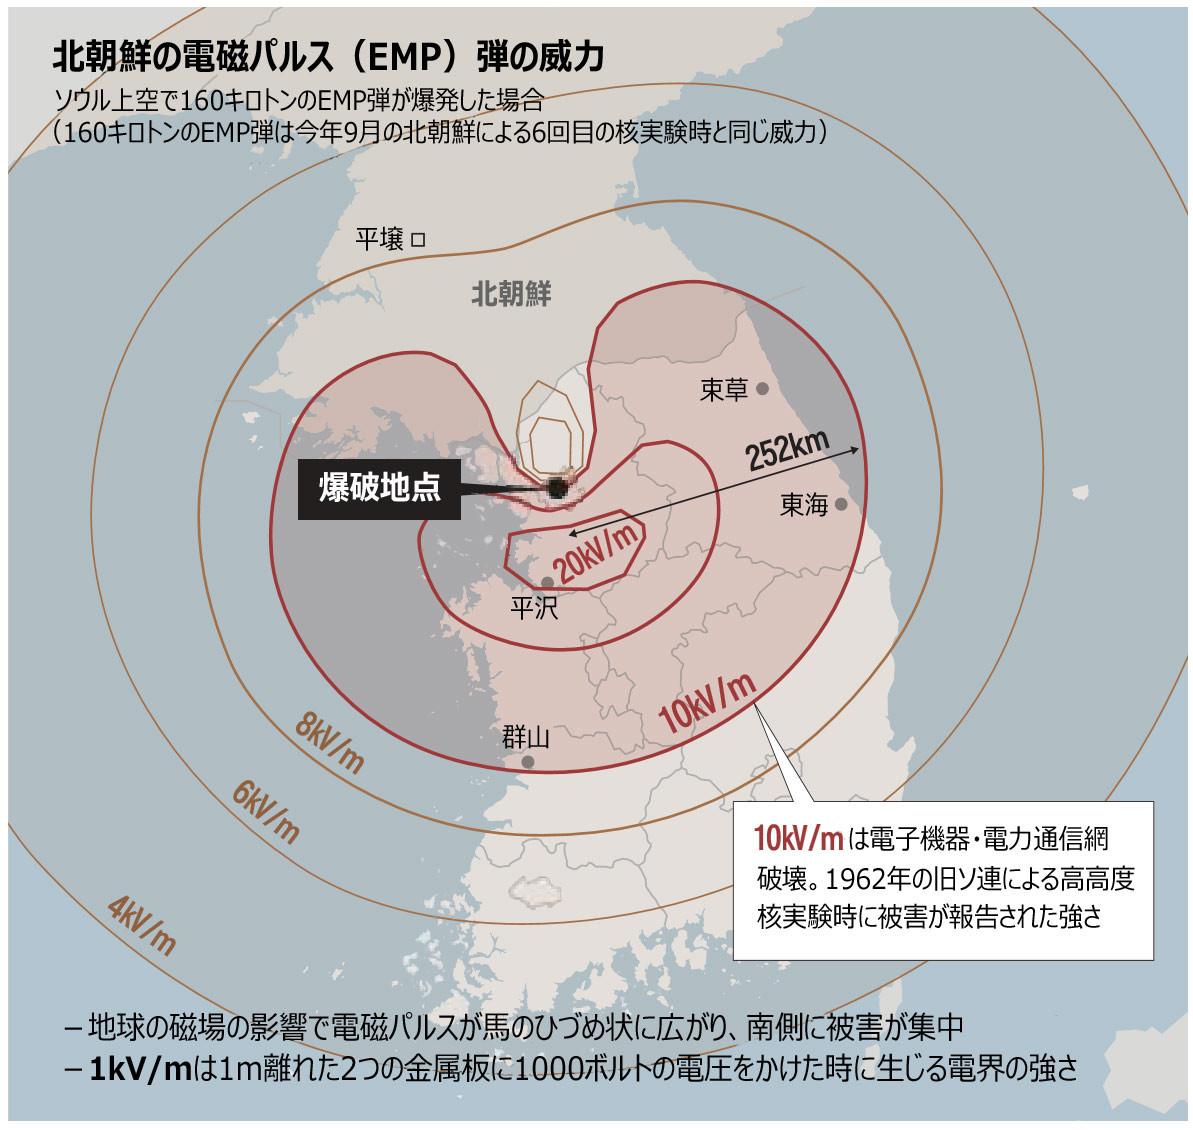 【画像】北朝鮮のEMP(電磁パルス)弾がソウル上空で爆発したら・・・? のサムネイル画像